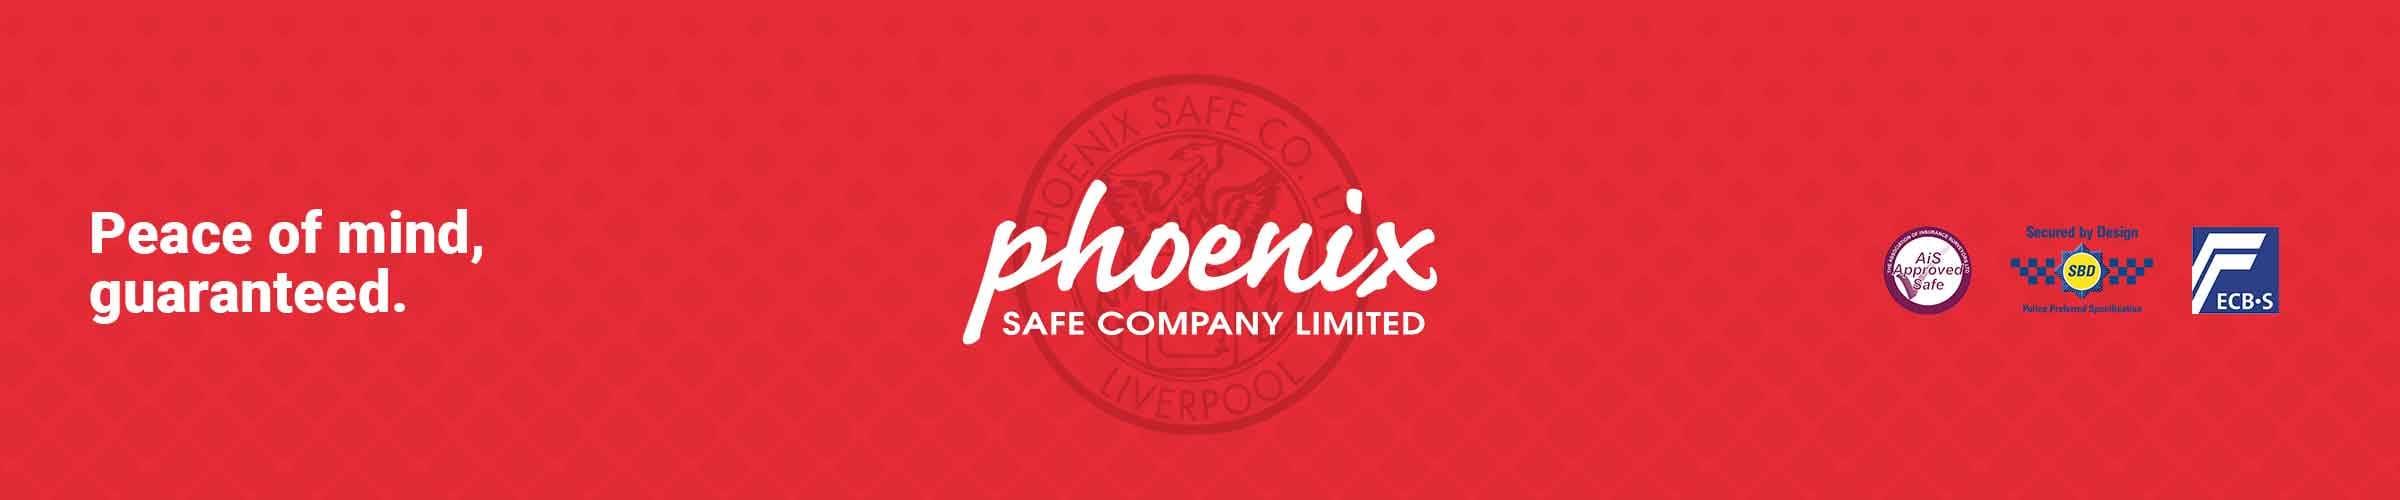 Phoenix Safe Co